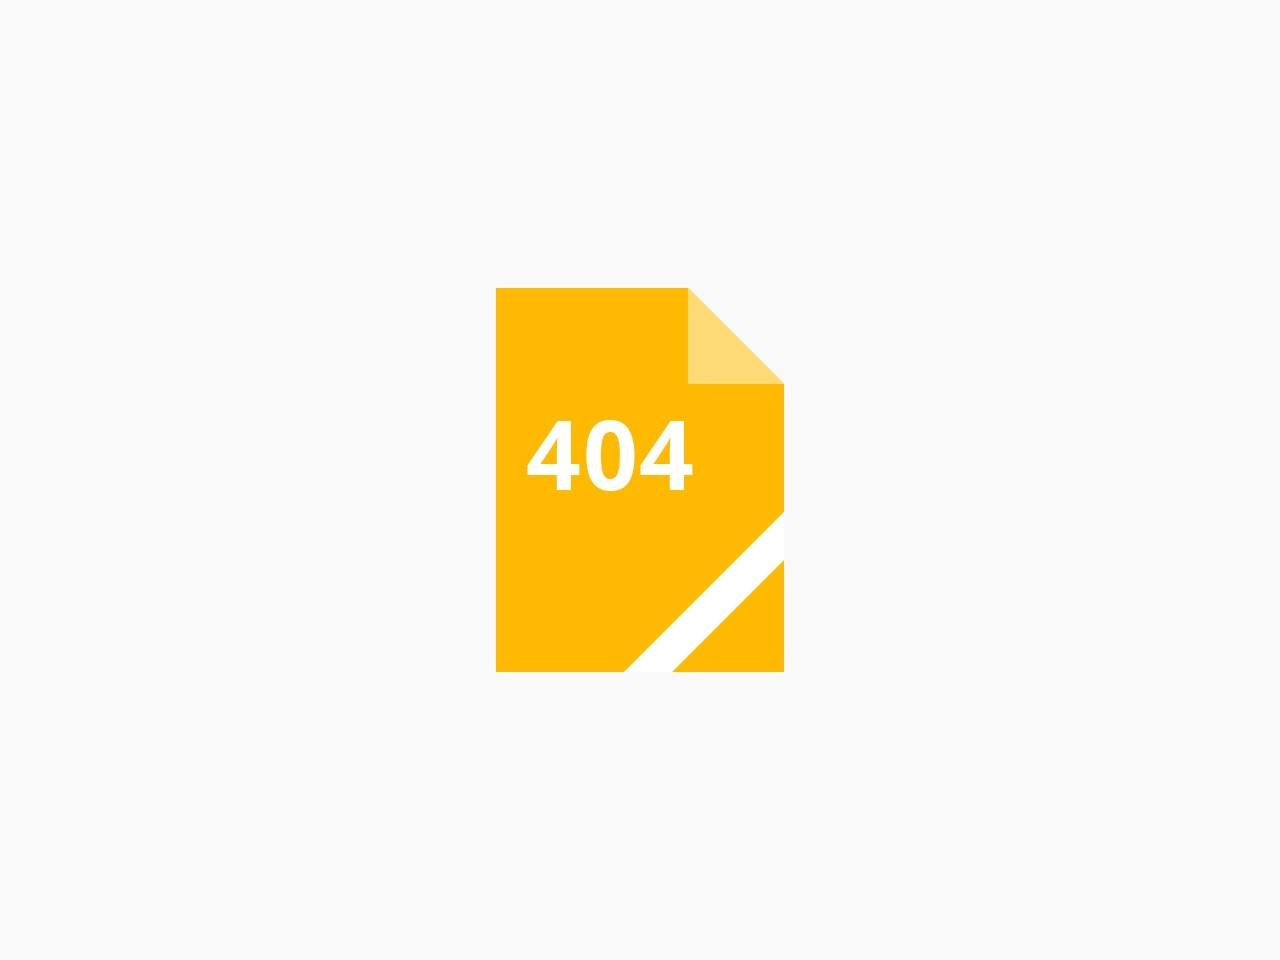 鶴川ハウス有限会社